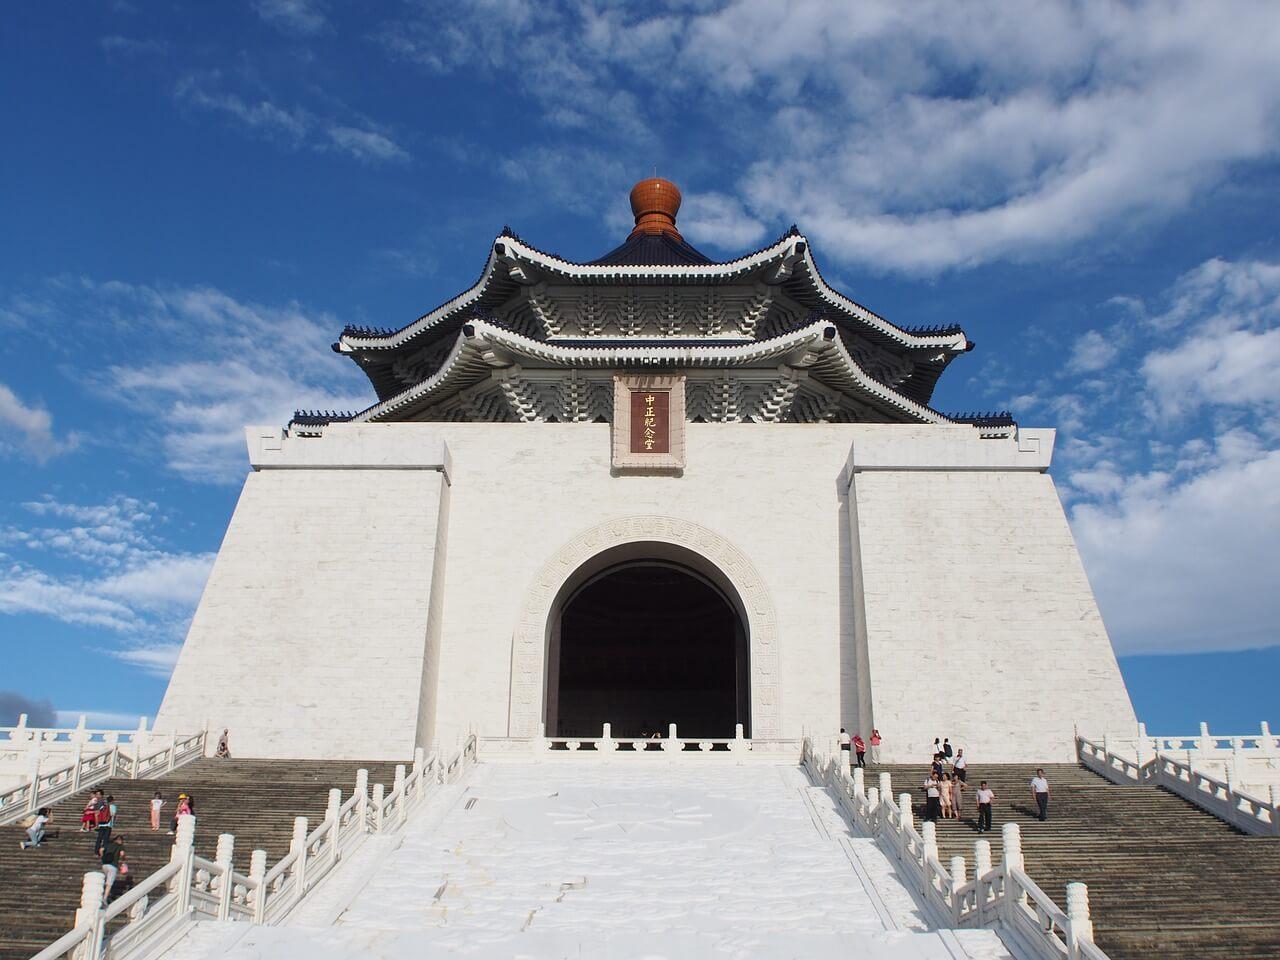 Monumento a Chiang Kai-shek